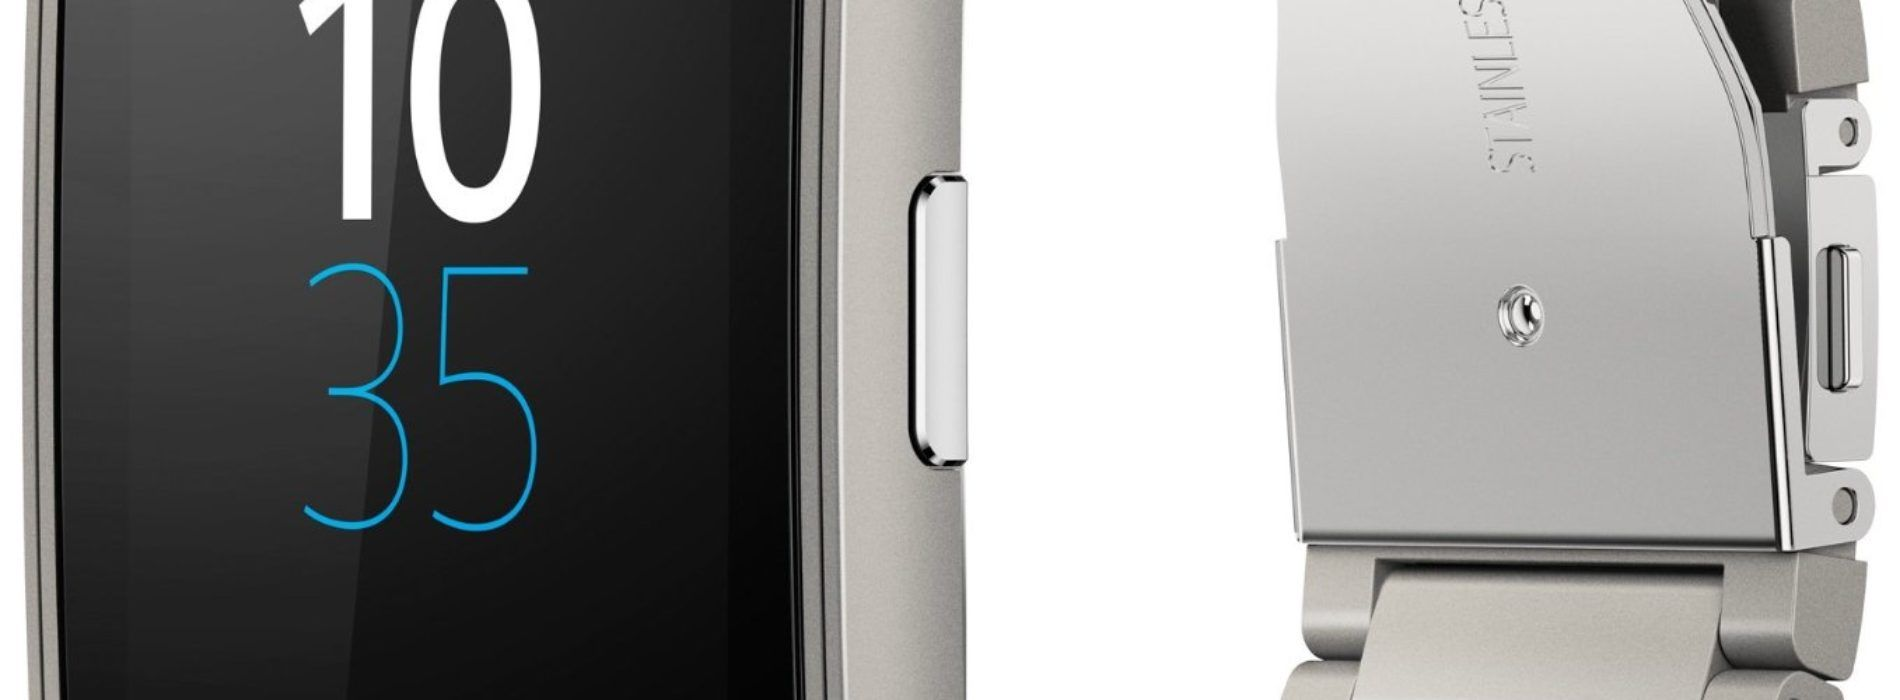 Sony SmartWatch 3 a mitad de precio!